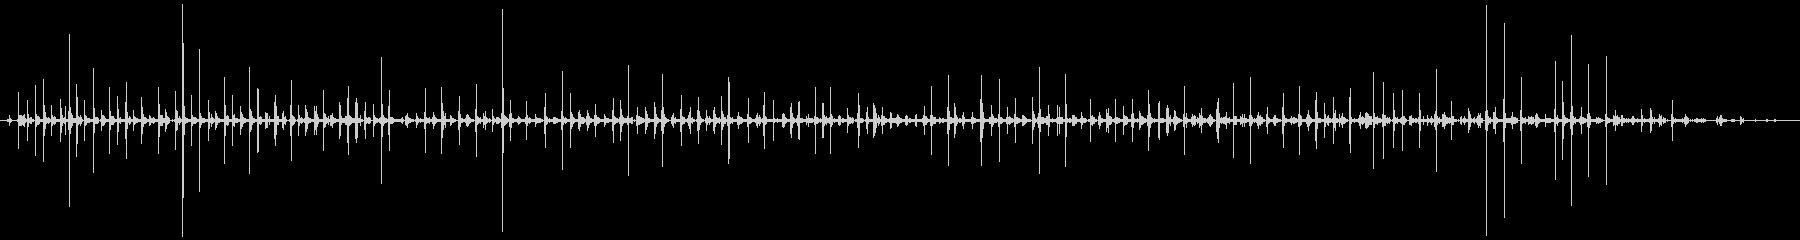 バイノーラル足音走るサンダル_後斜右の未再生の波形